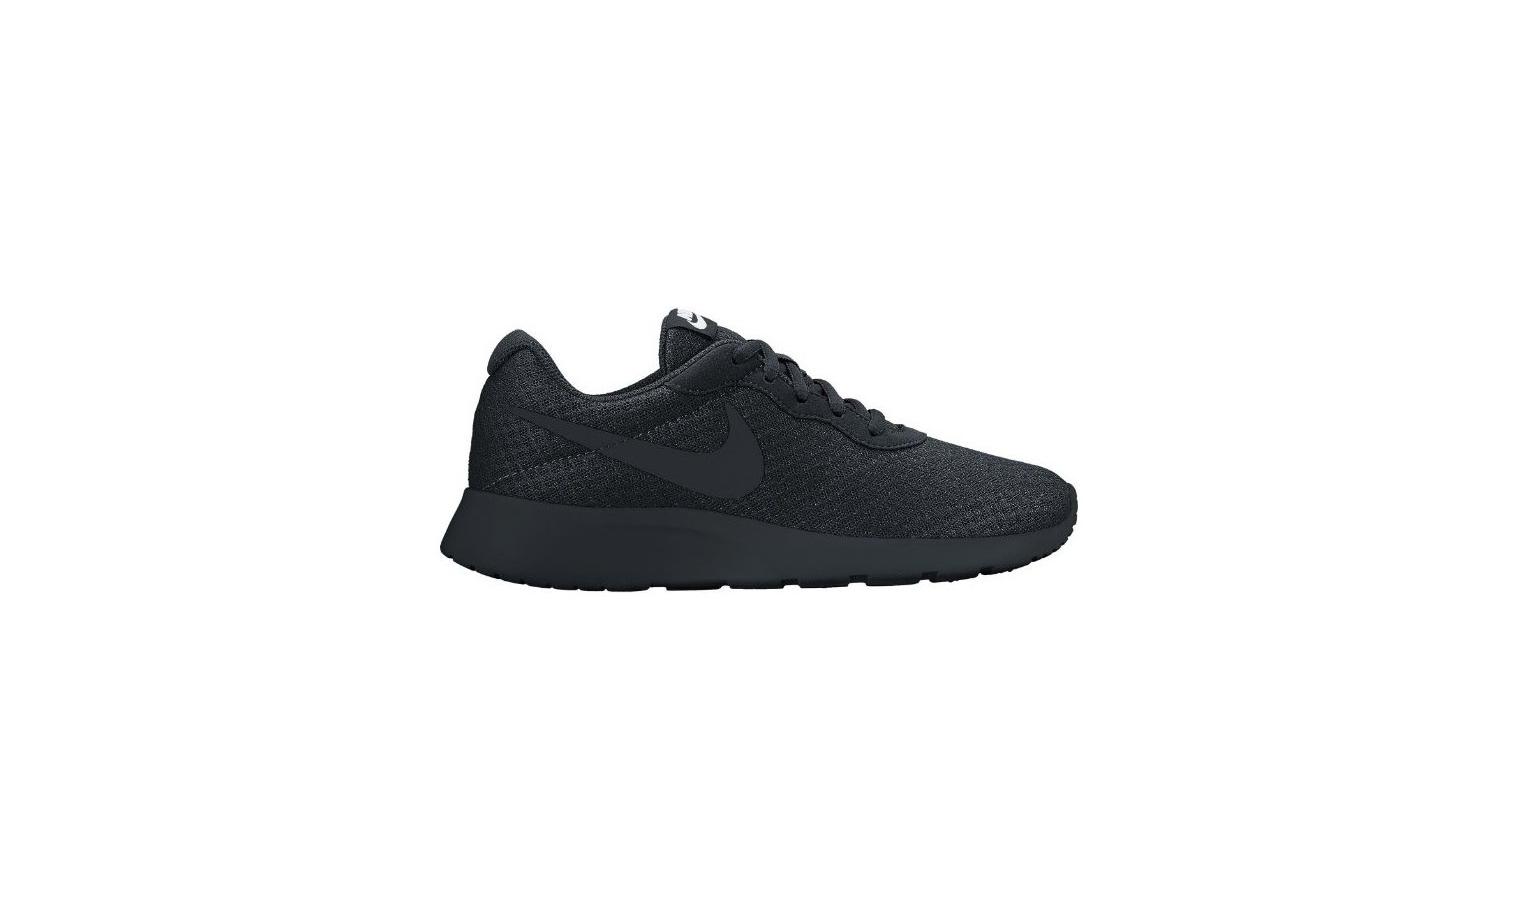 Dámské boty Nike TANJUN SHOE černé   AD Sport.cz